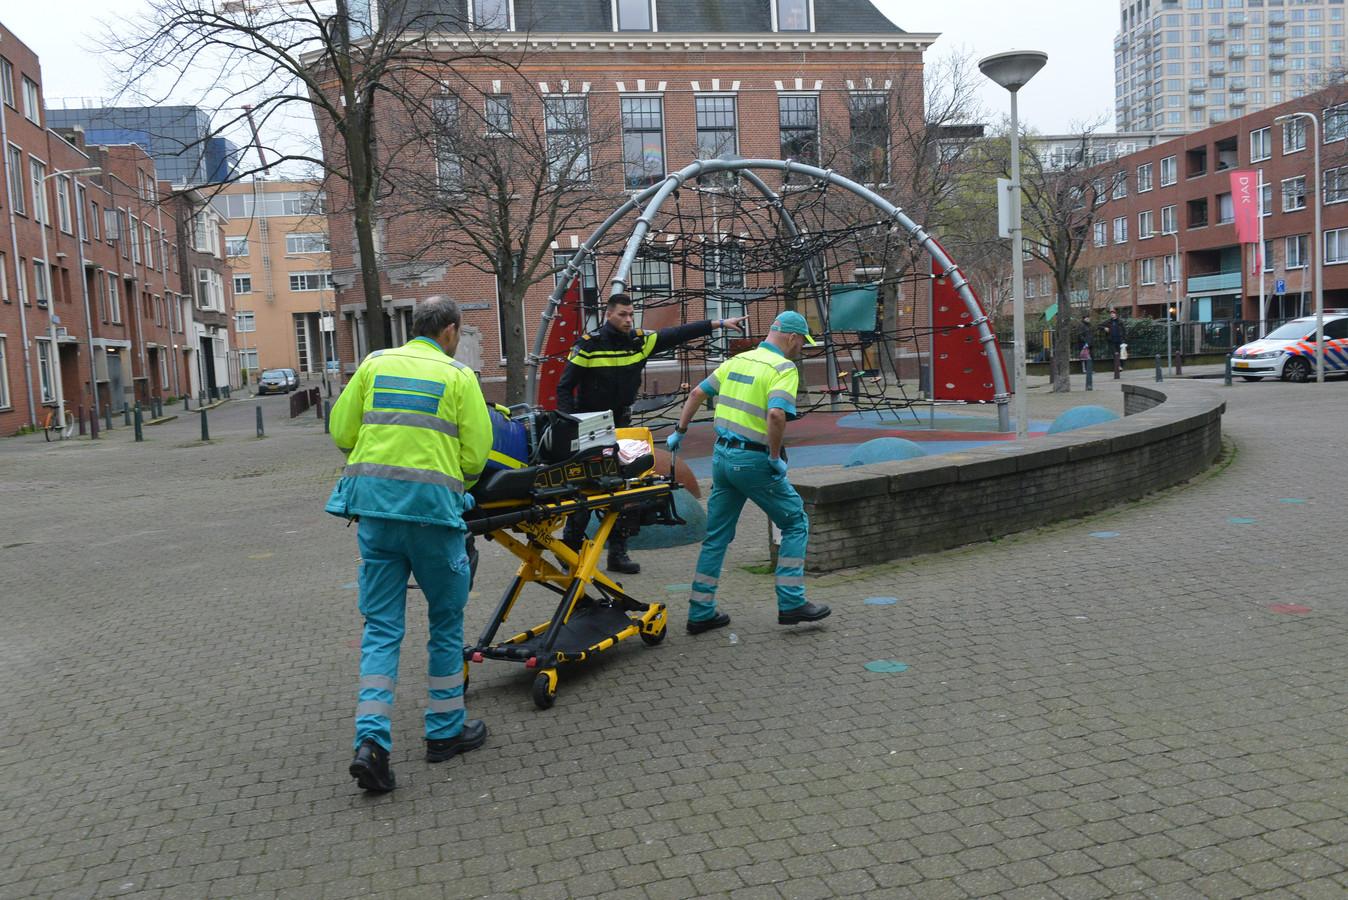 Bij de steekpartij aan het Lamgroen in Den Haag raakte een persoon gewond.